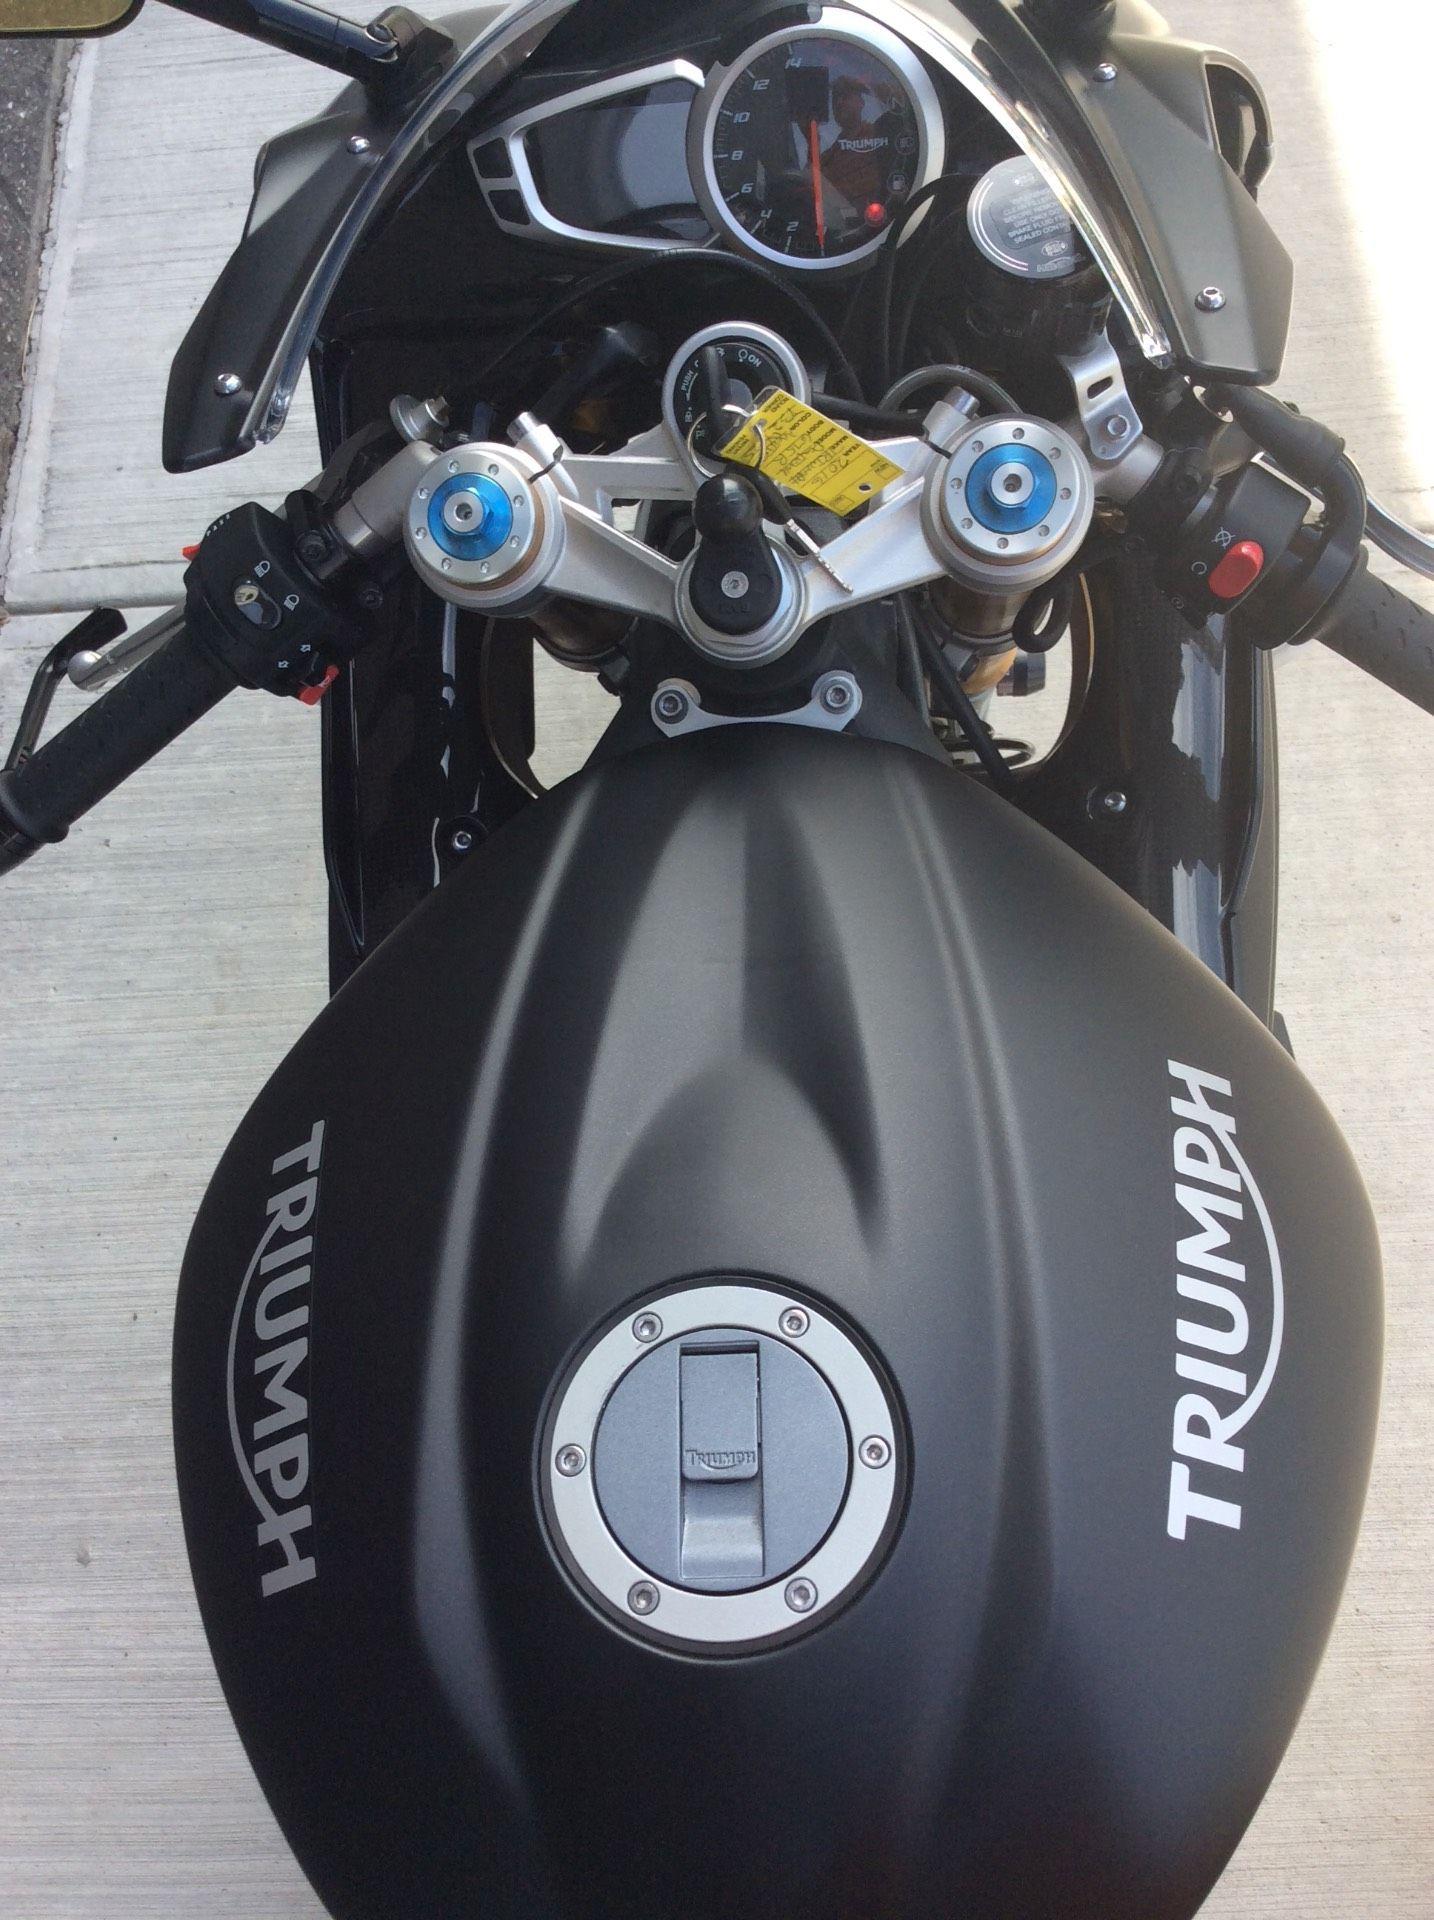 2016 Triumph Daytona 675 R ABS in Goshen, New York